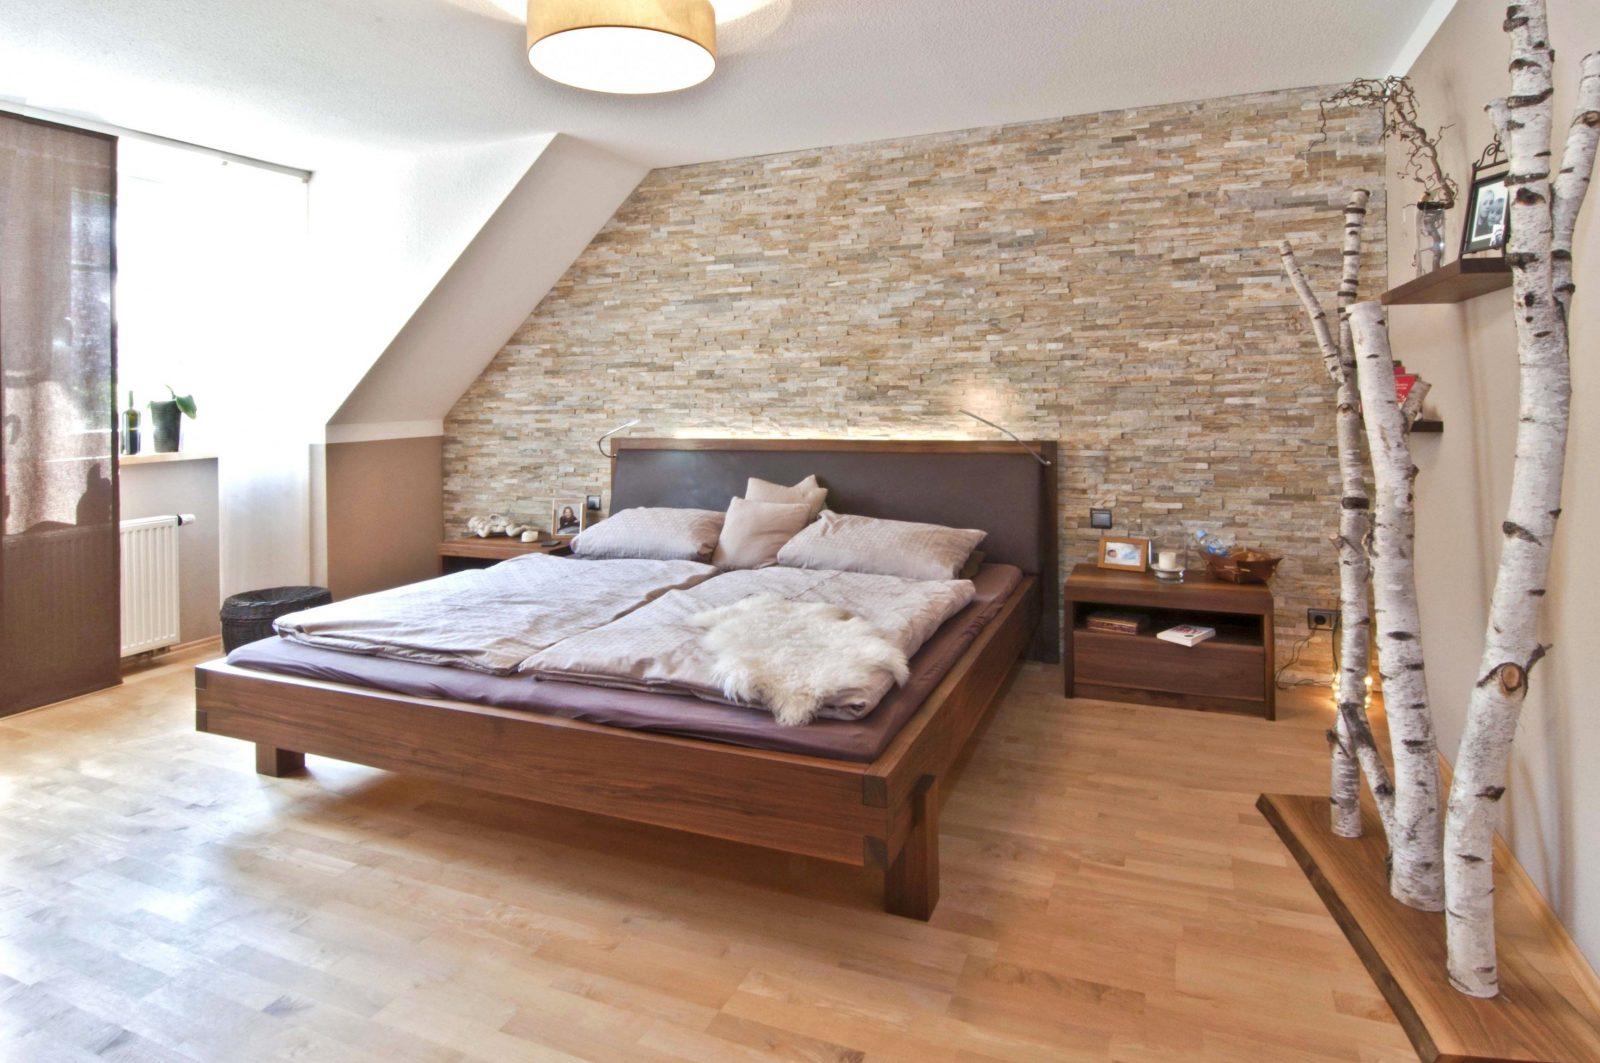 Groß Unglaublich Schlafzimmer Ideen Zum Selber Machen Auf 50 Für von Bett Ideen Selber Machen Bild